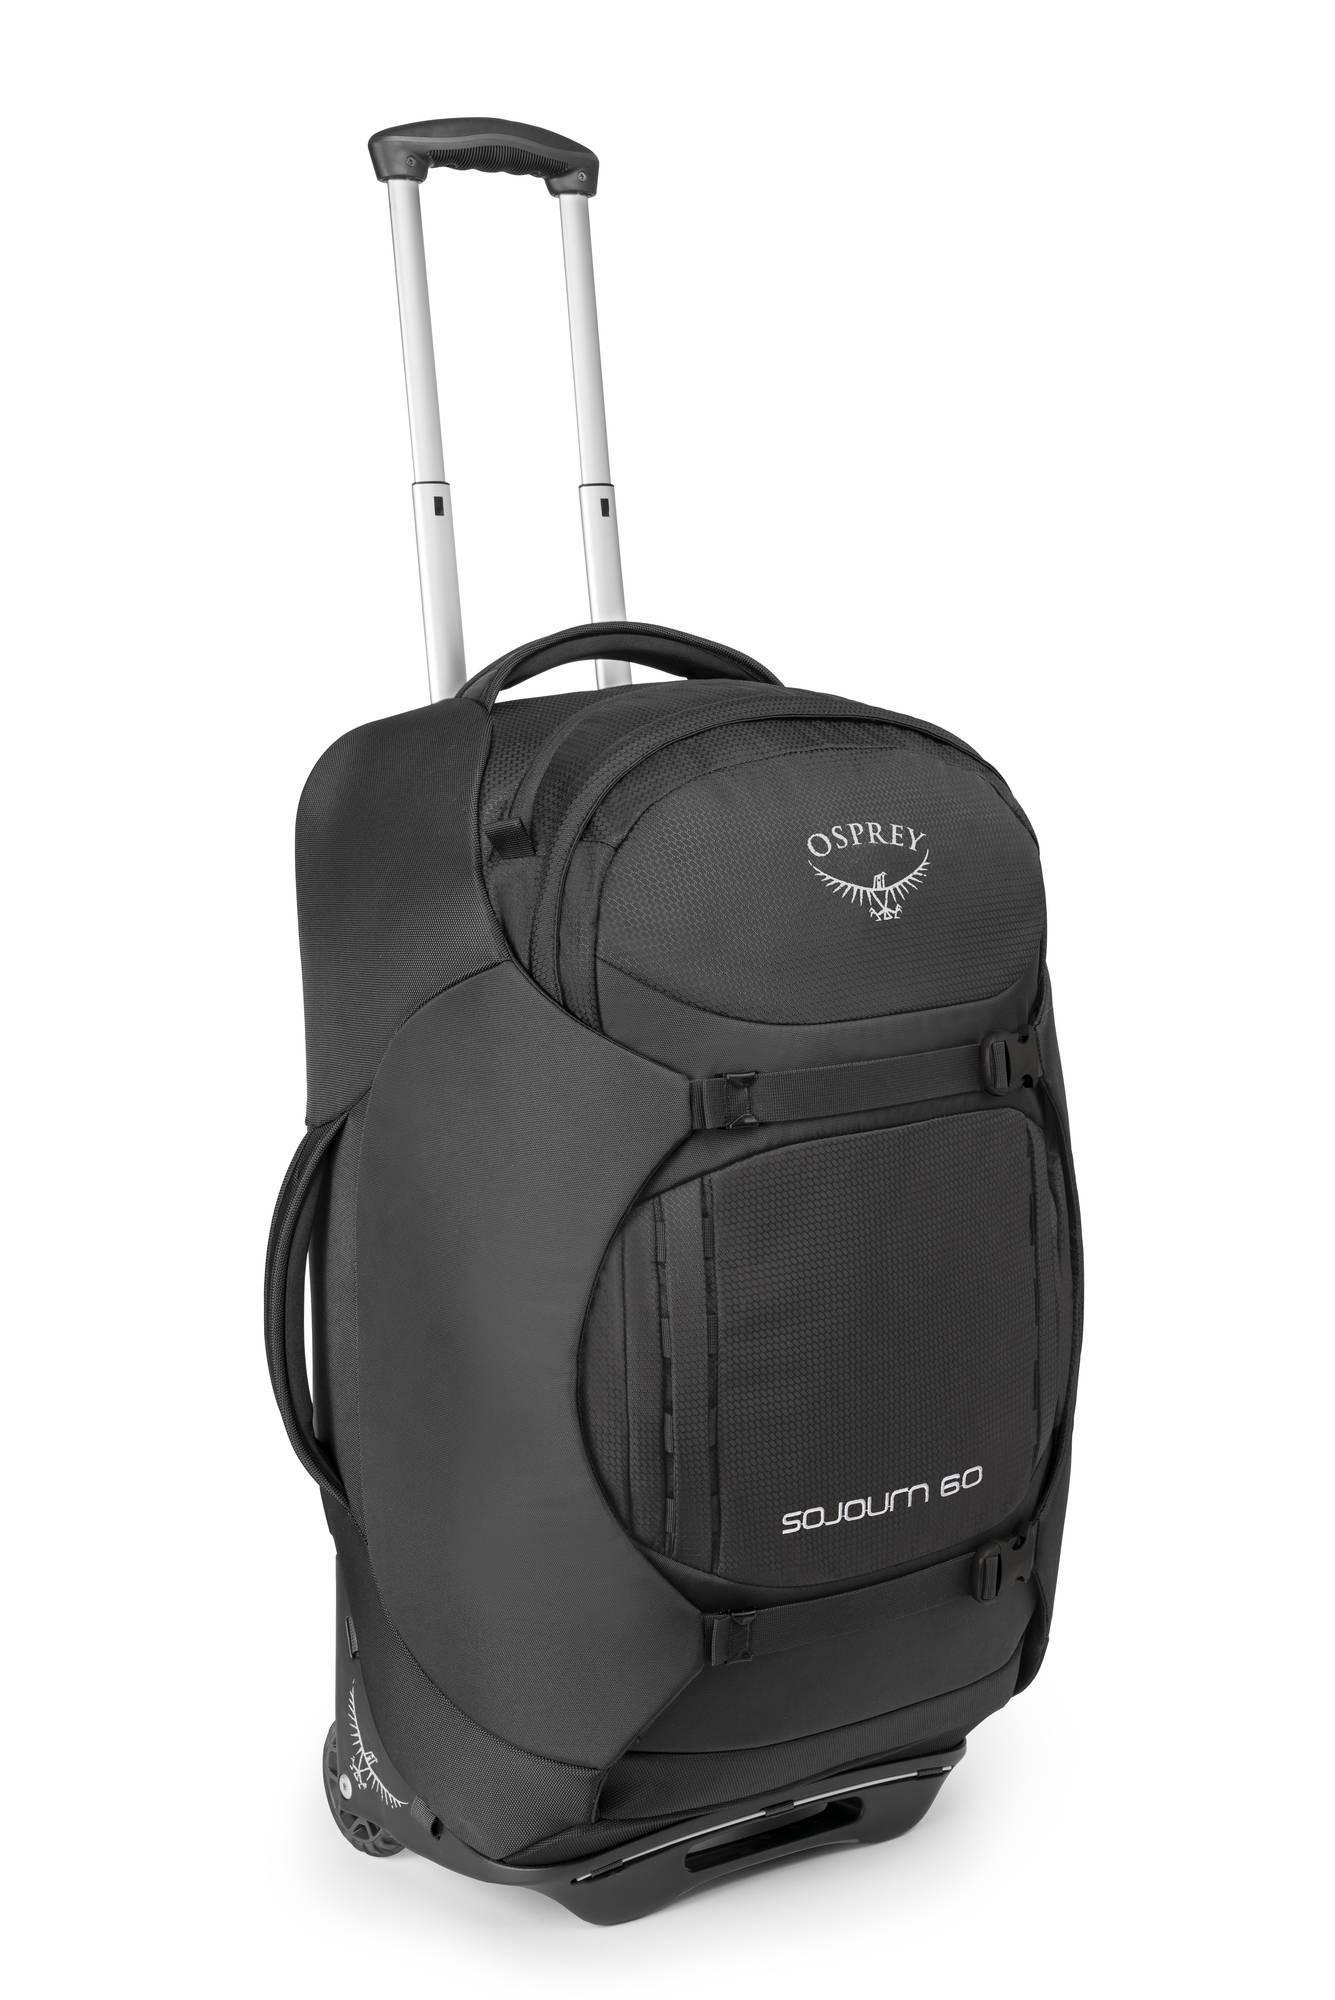 Сумки на колесах Сумка-рюкзак на колесах Osprey Sojourn 60 Sojourn_60_HandleUp_Side_Flash_Black_web.jpg